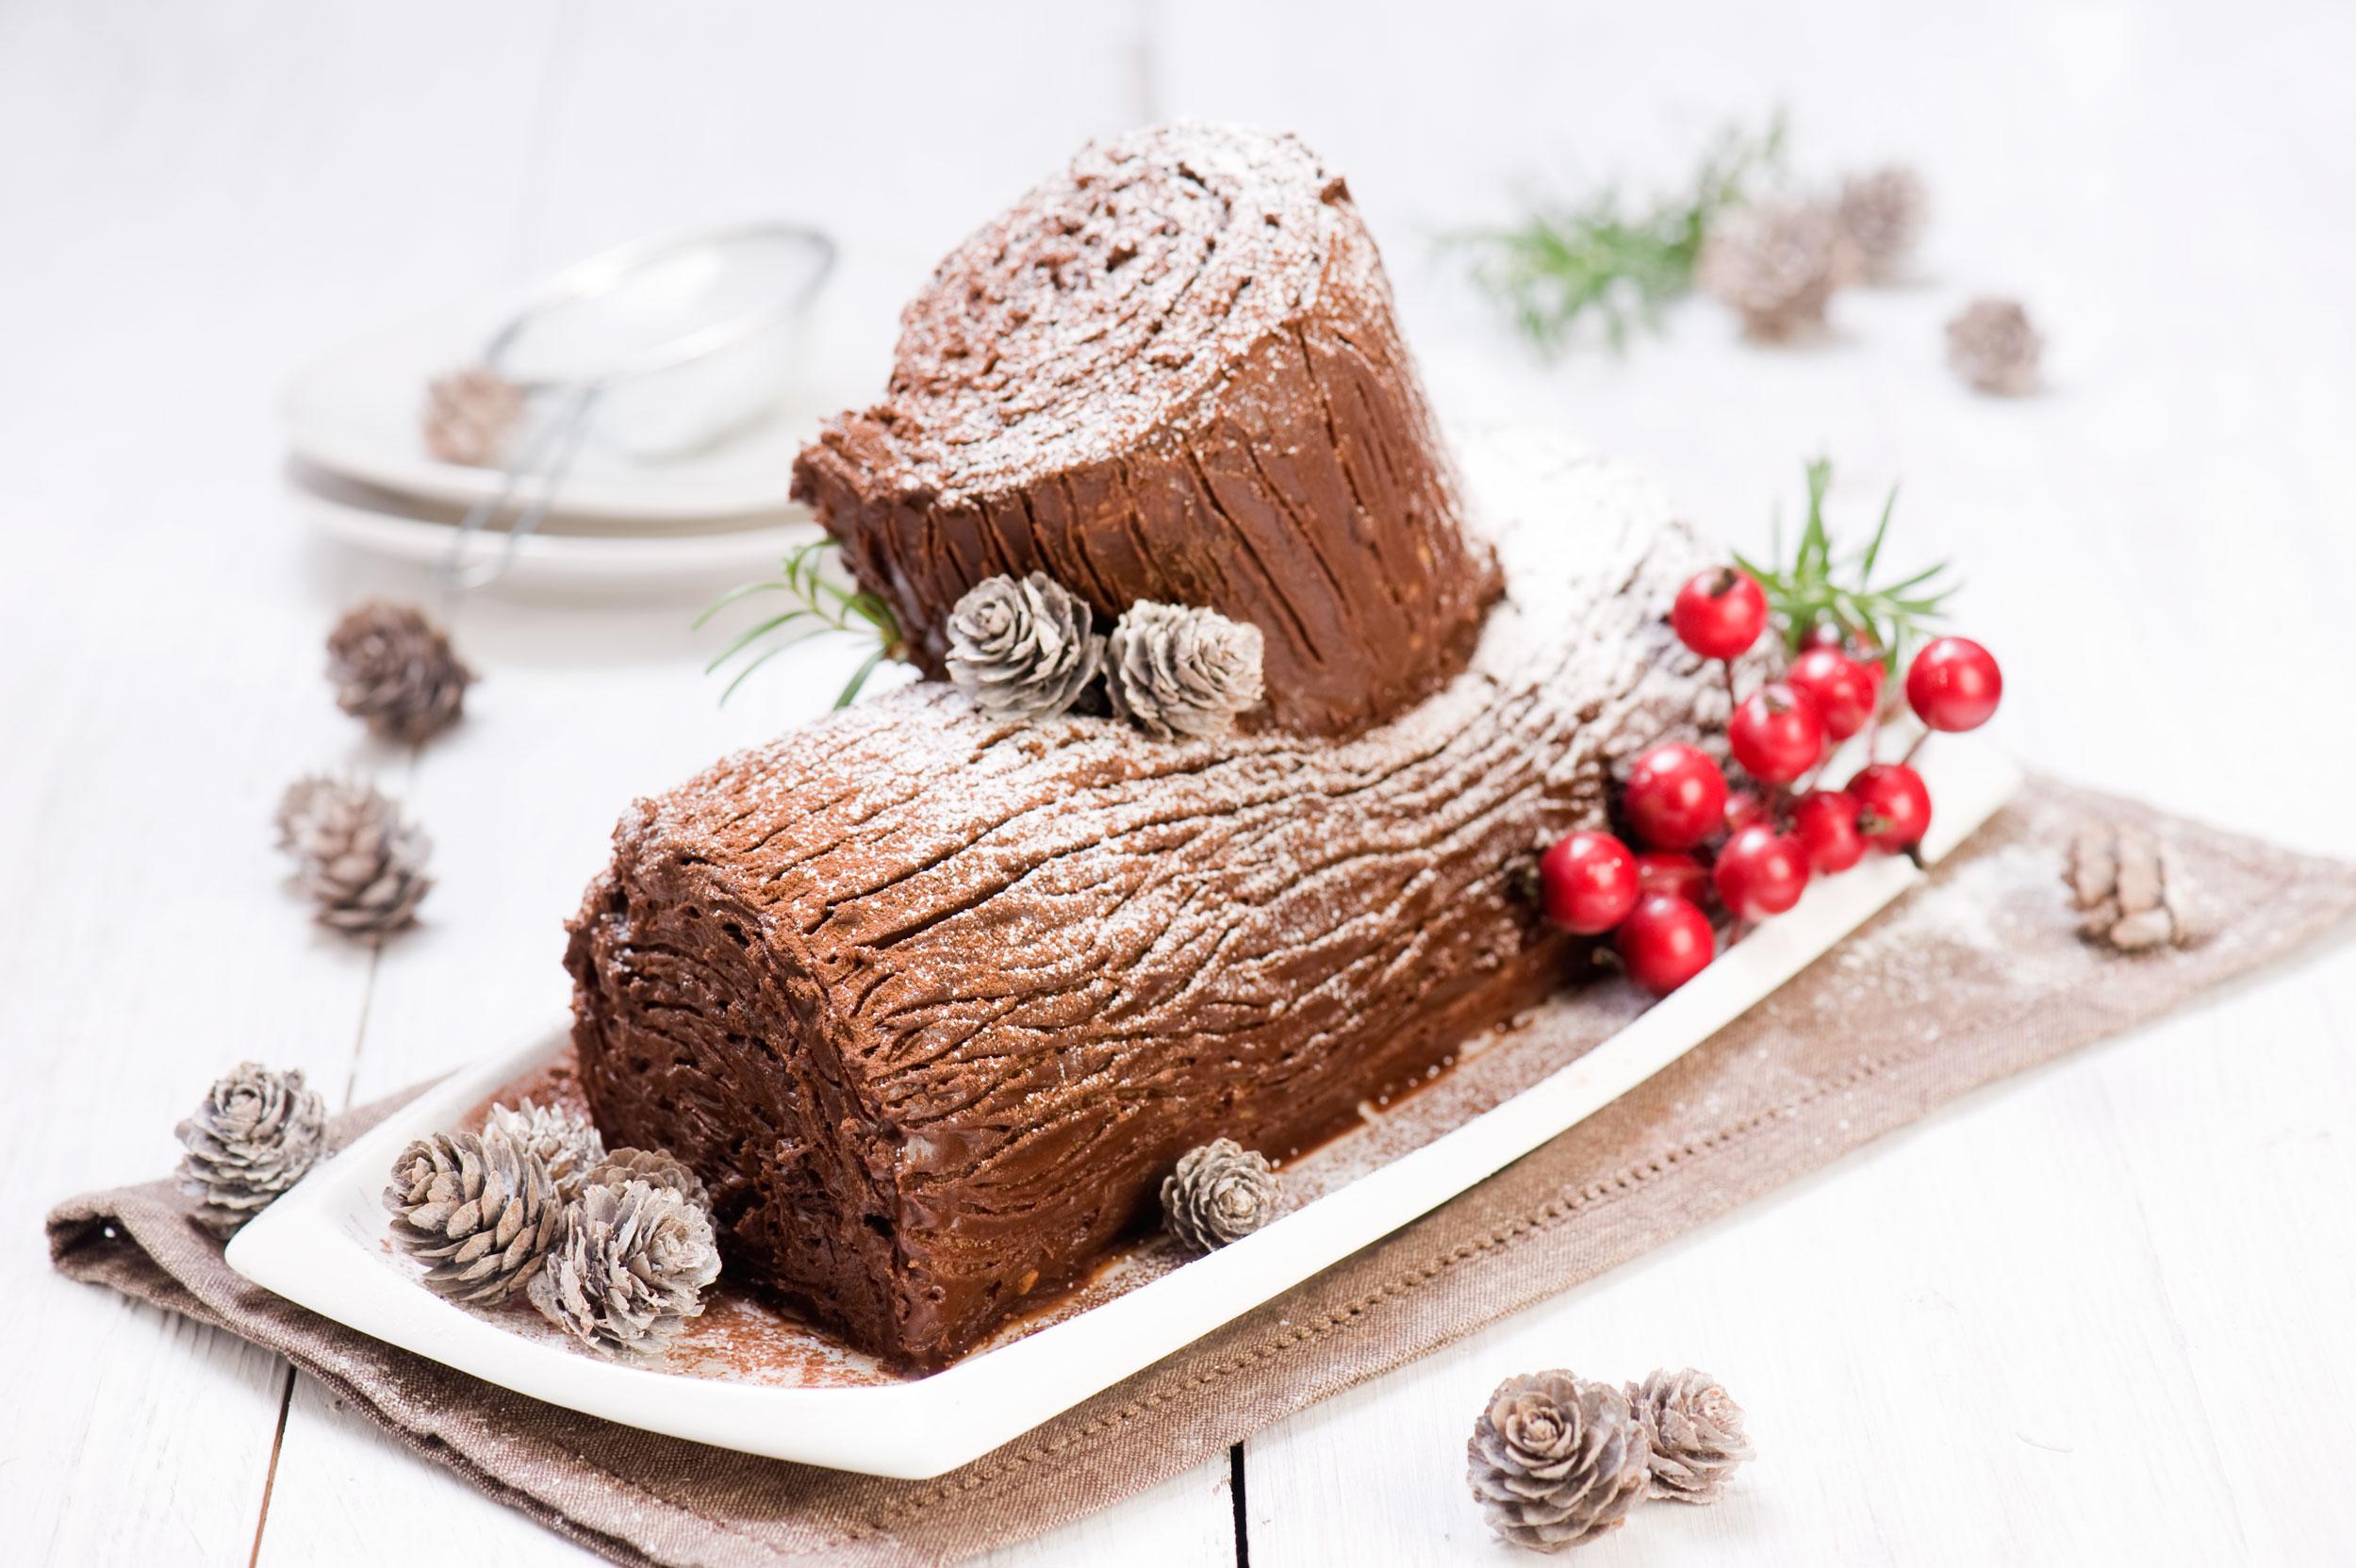 świąteczny Obiad Inspiracje Marki Thermomix Foodandkitchen